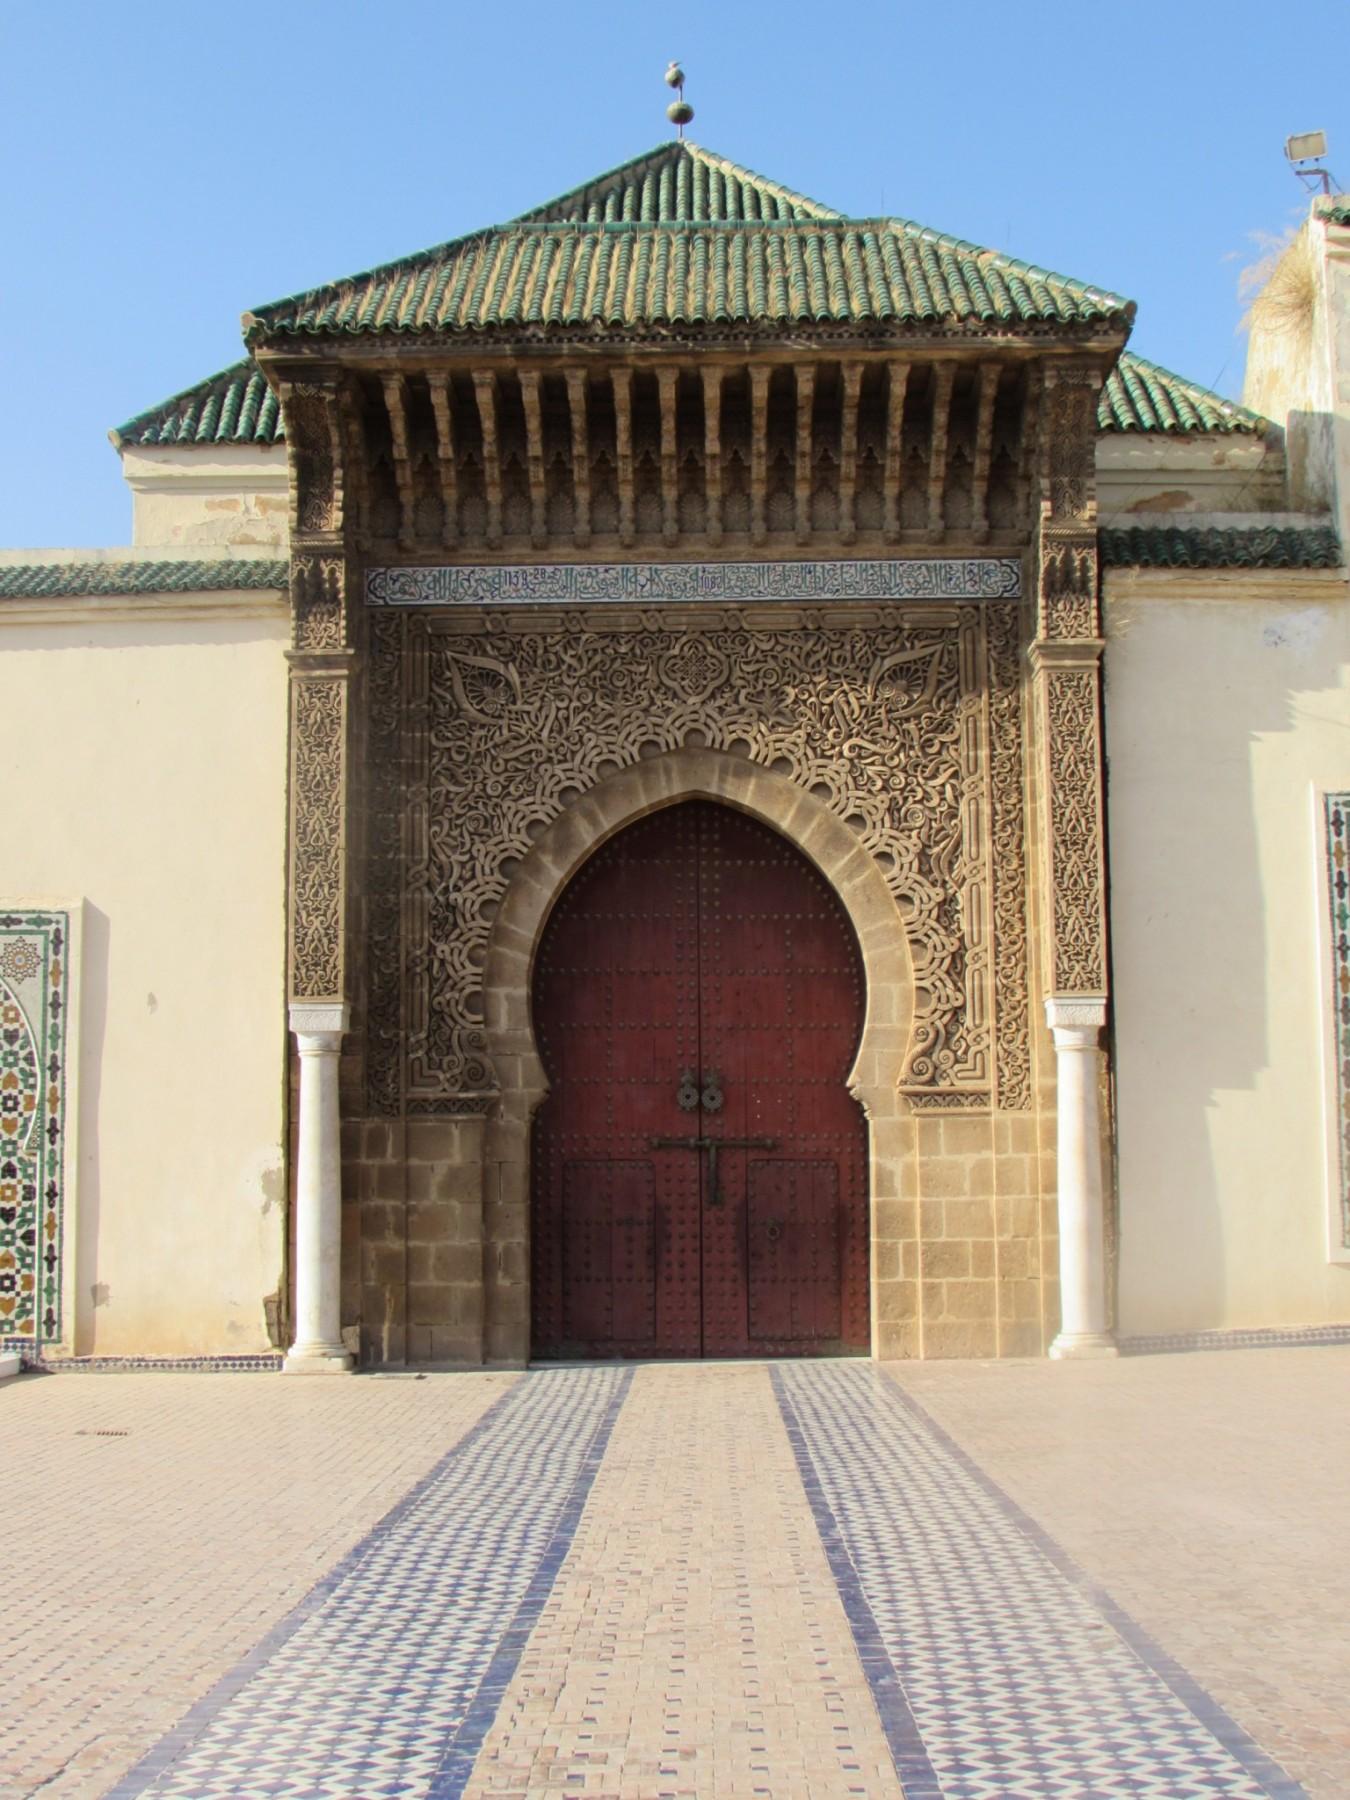 L'esperienza di Sara in Marocco 5